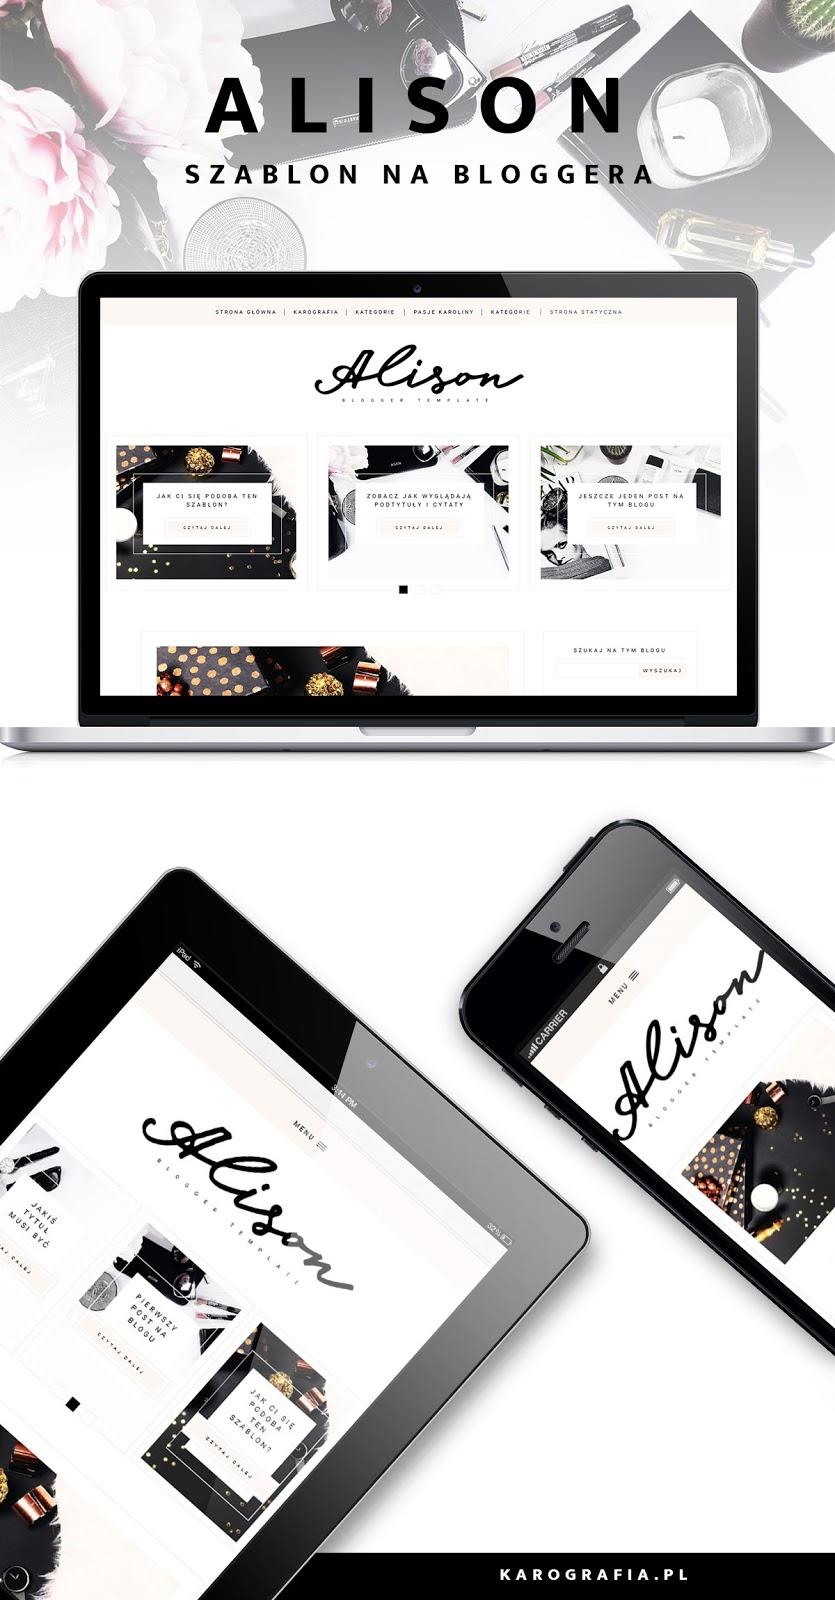 szablon na bloggera (blogspota) do kupienia - Alison - oryginalny układ postów